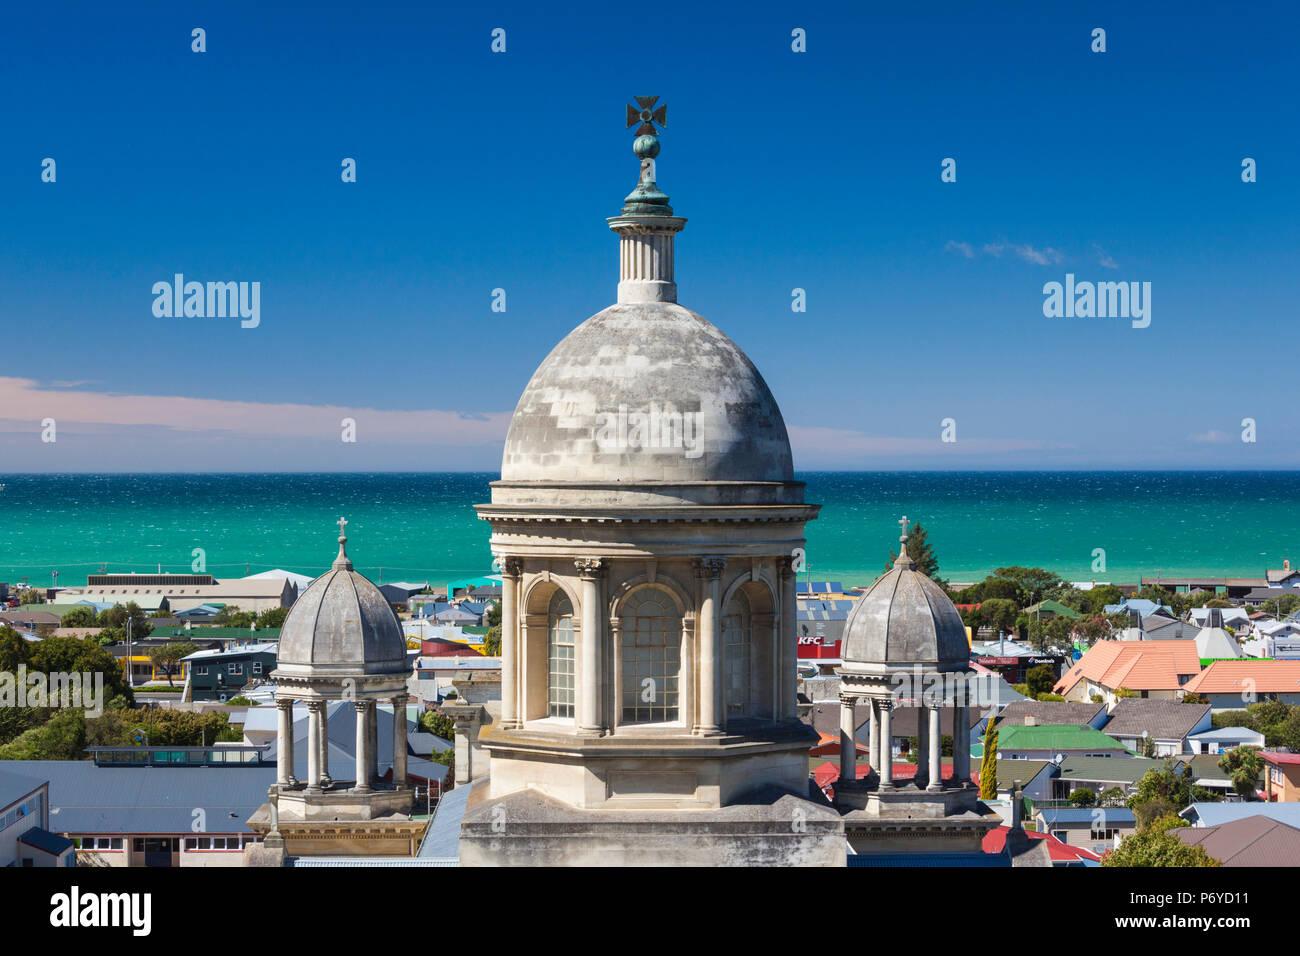 Nouvelle Zélande, île du Sud, de l'Otago, Oamaru, augmentation de la vue sur la Basilique Saint-Patrick Photo Stock